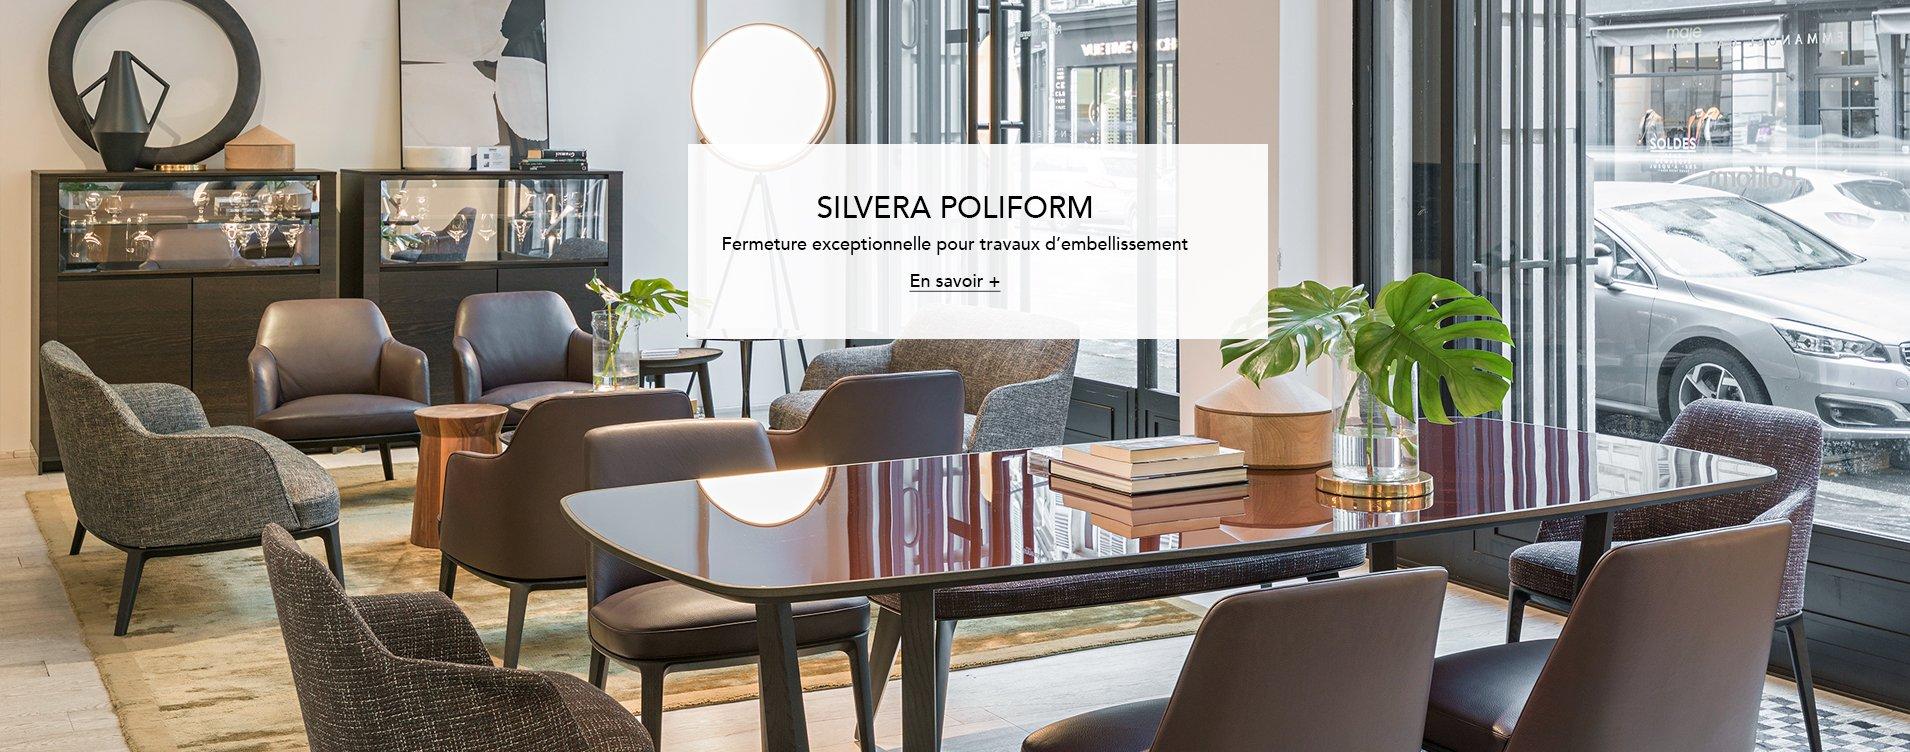 Silvera meubles design et contemporain luminaire mobilier de bureau pour professionnels for Catalogue mobilier design